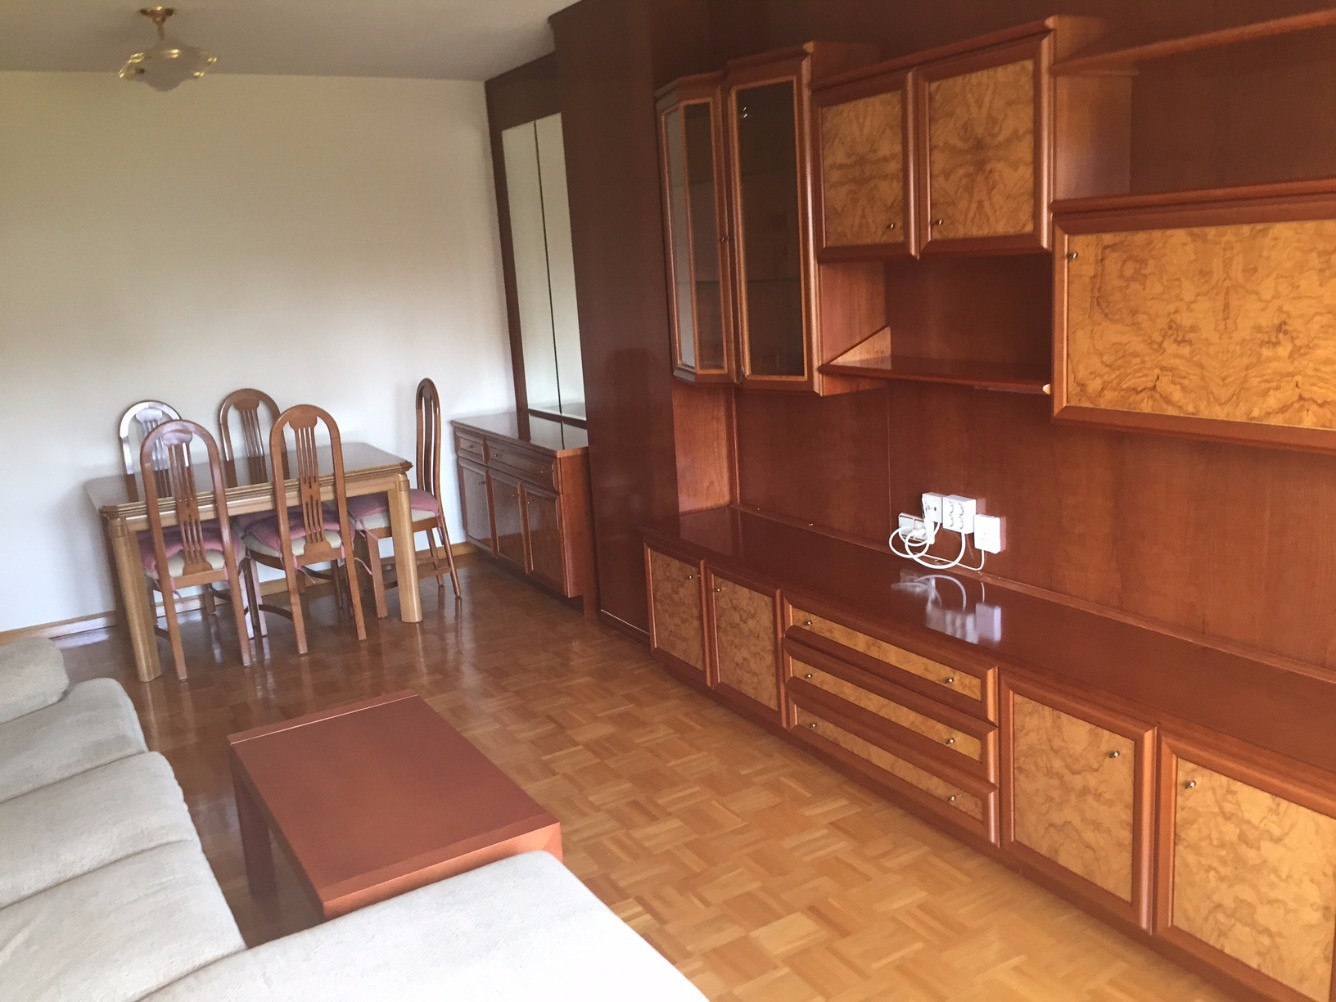 Muebles comedor segunda mano tarragona 20170716213554 for Muebles de oficina tarragona